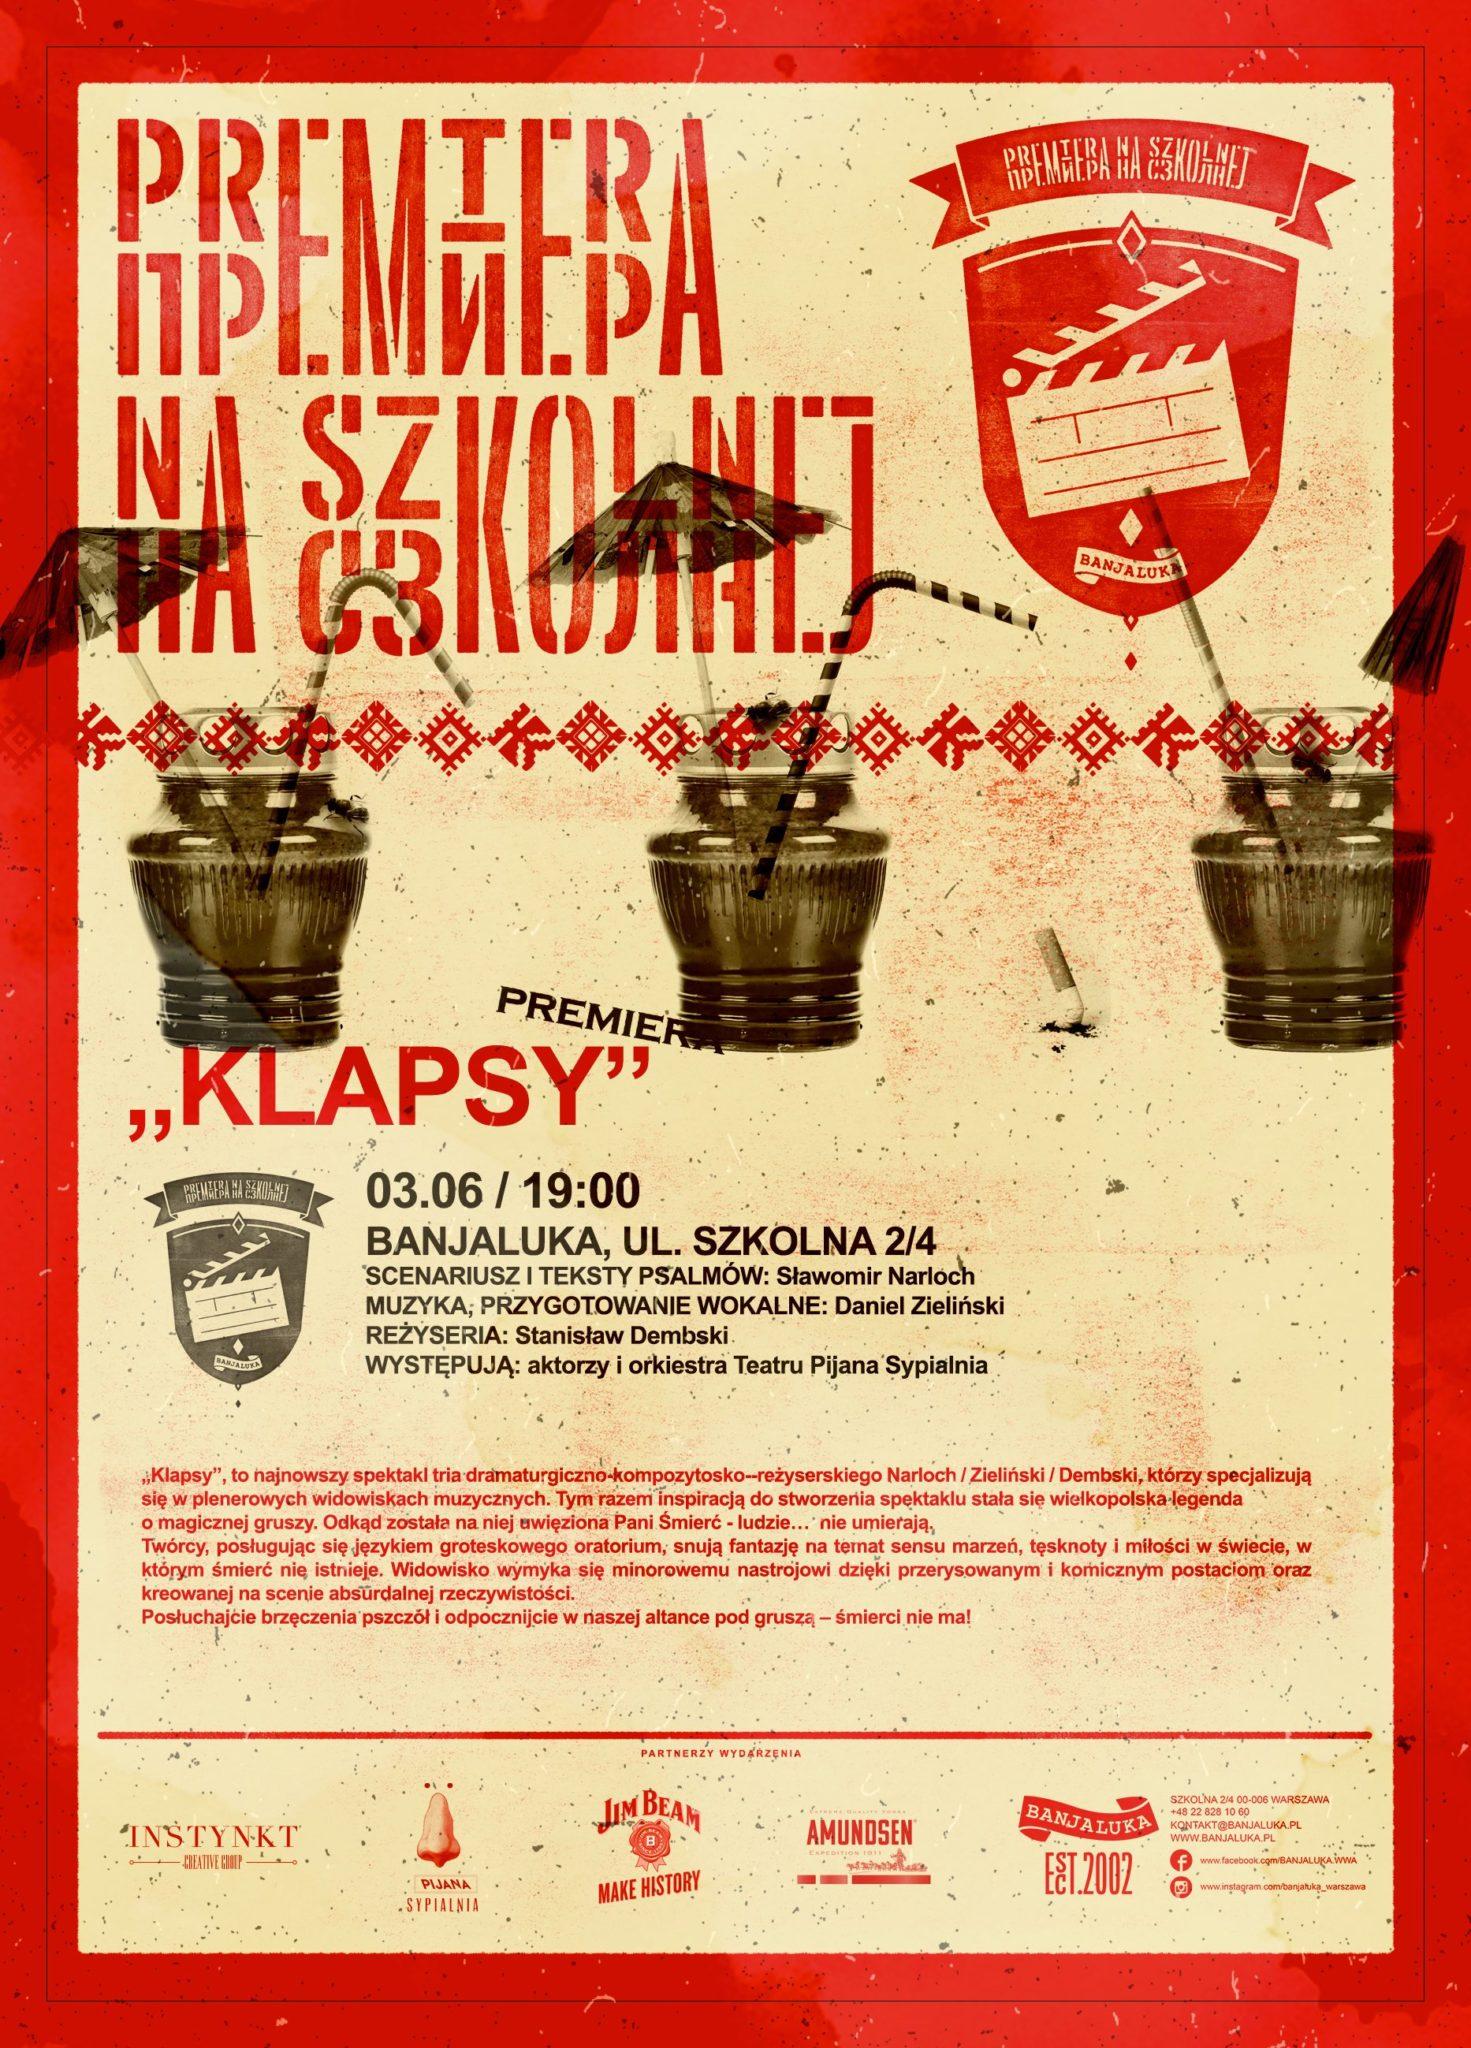 Plakat promujący występ Pijanej Sypialni w Banjaluce